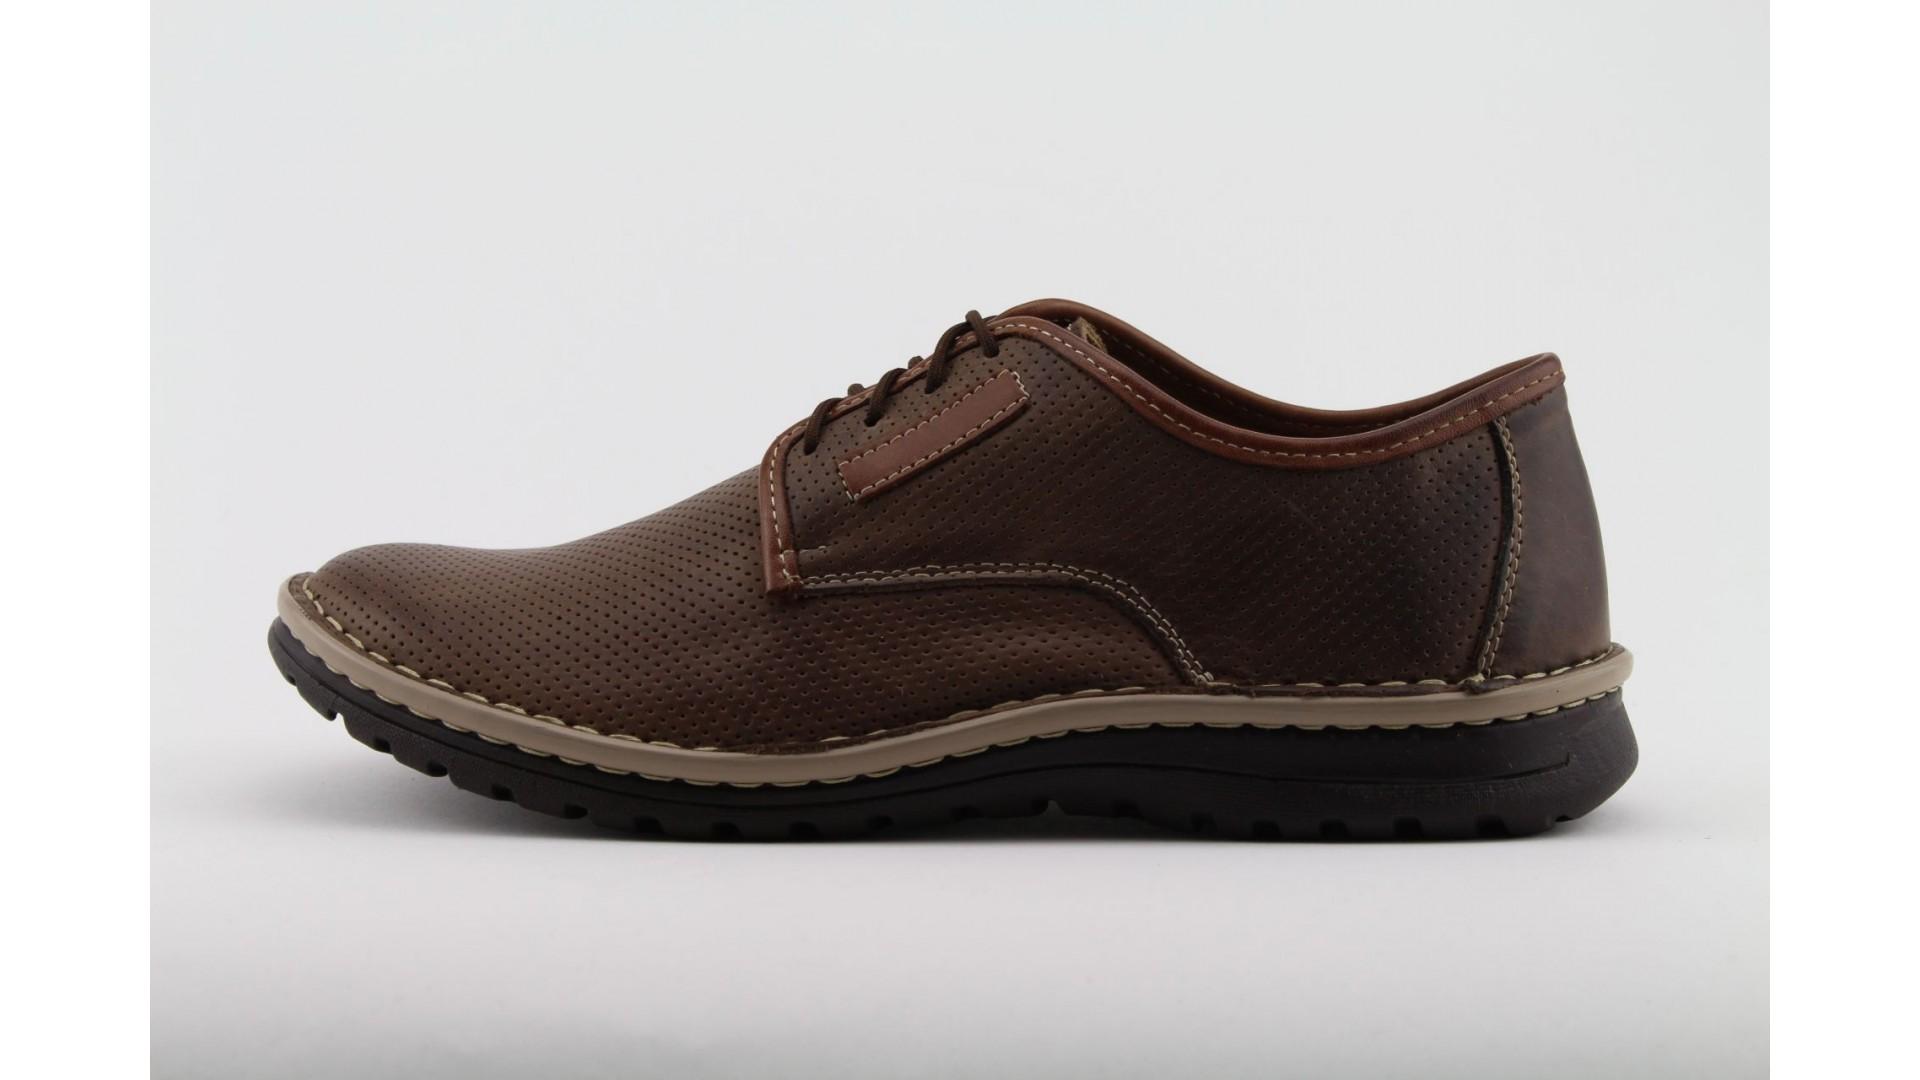 PAPILION barna nyári férfi cipő e6ea57be79